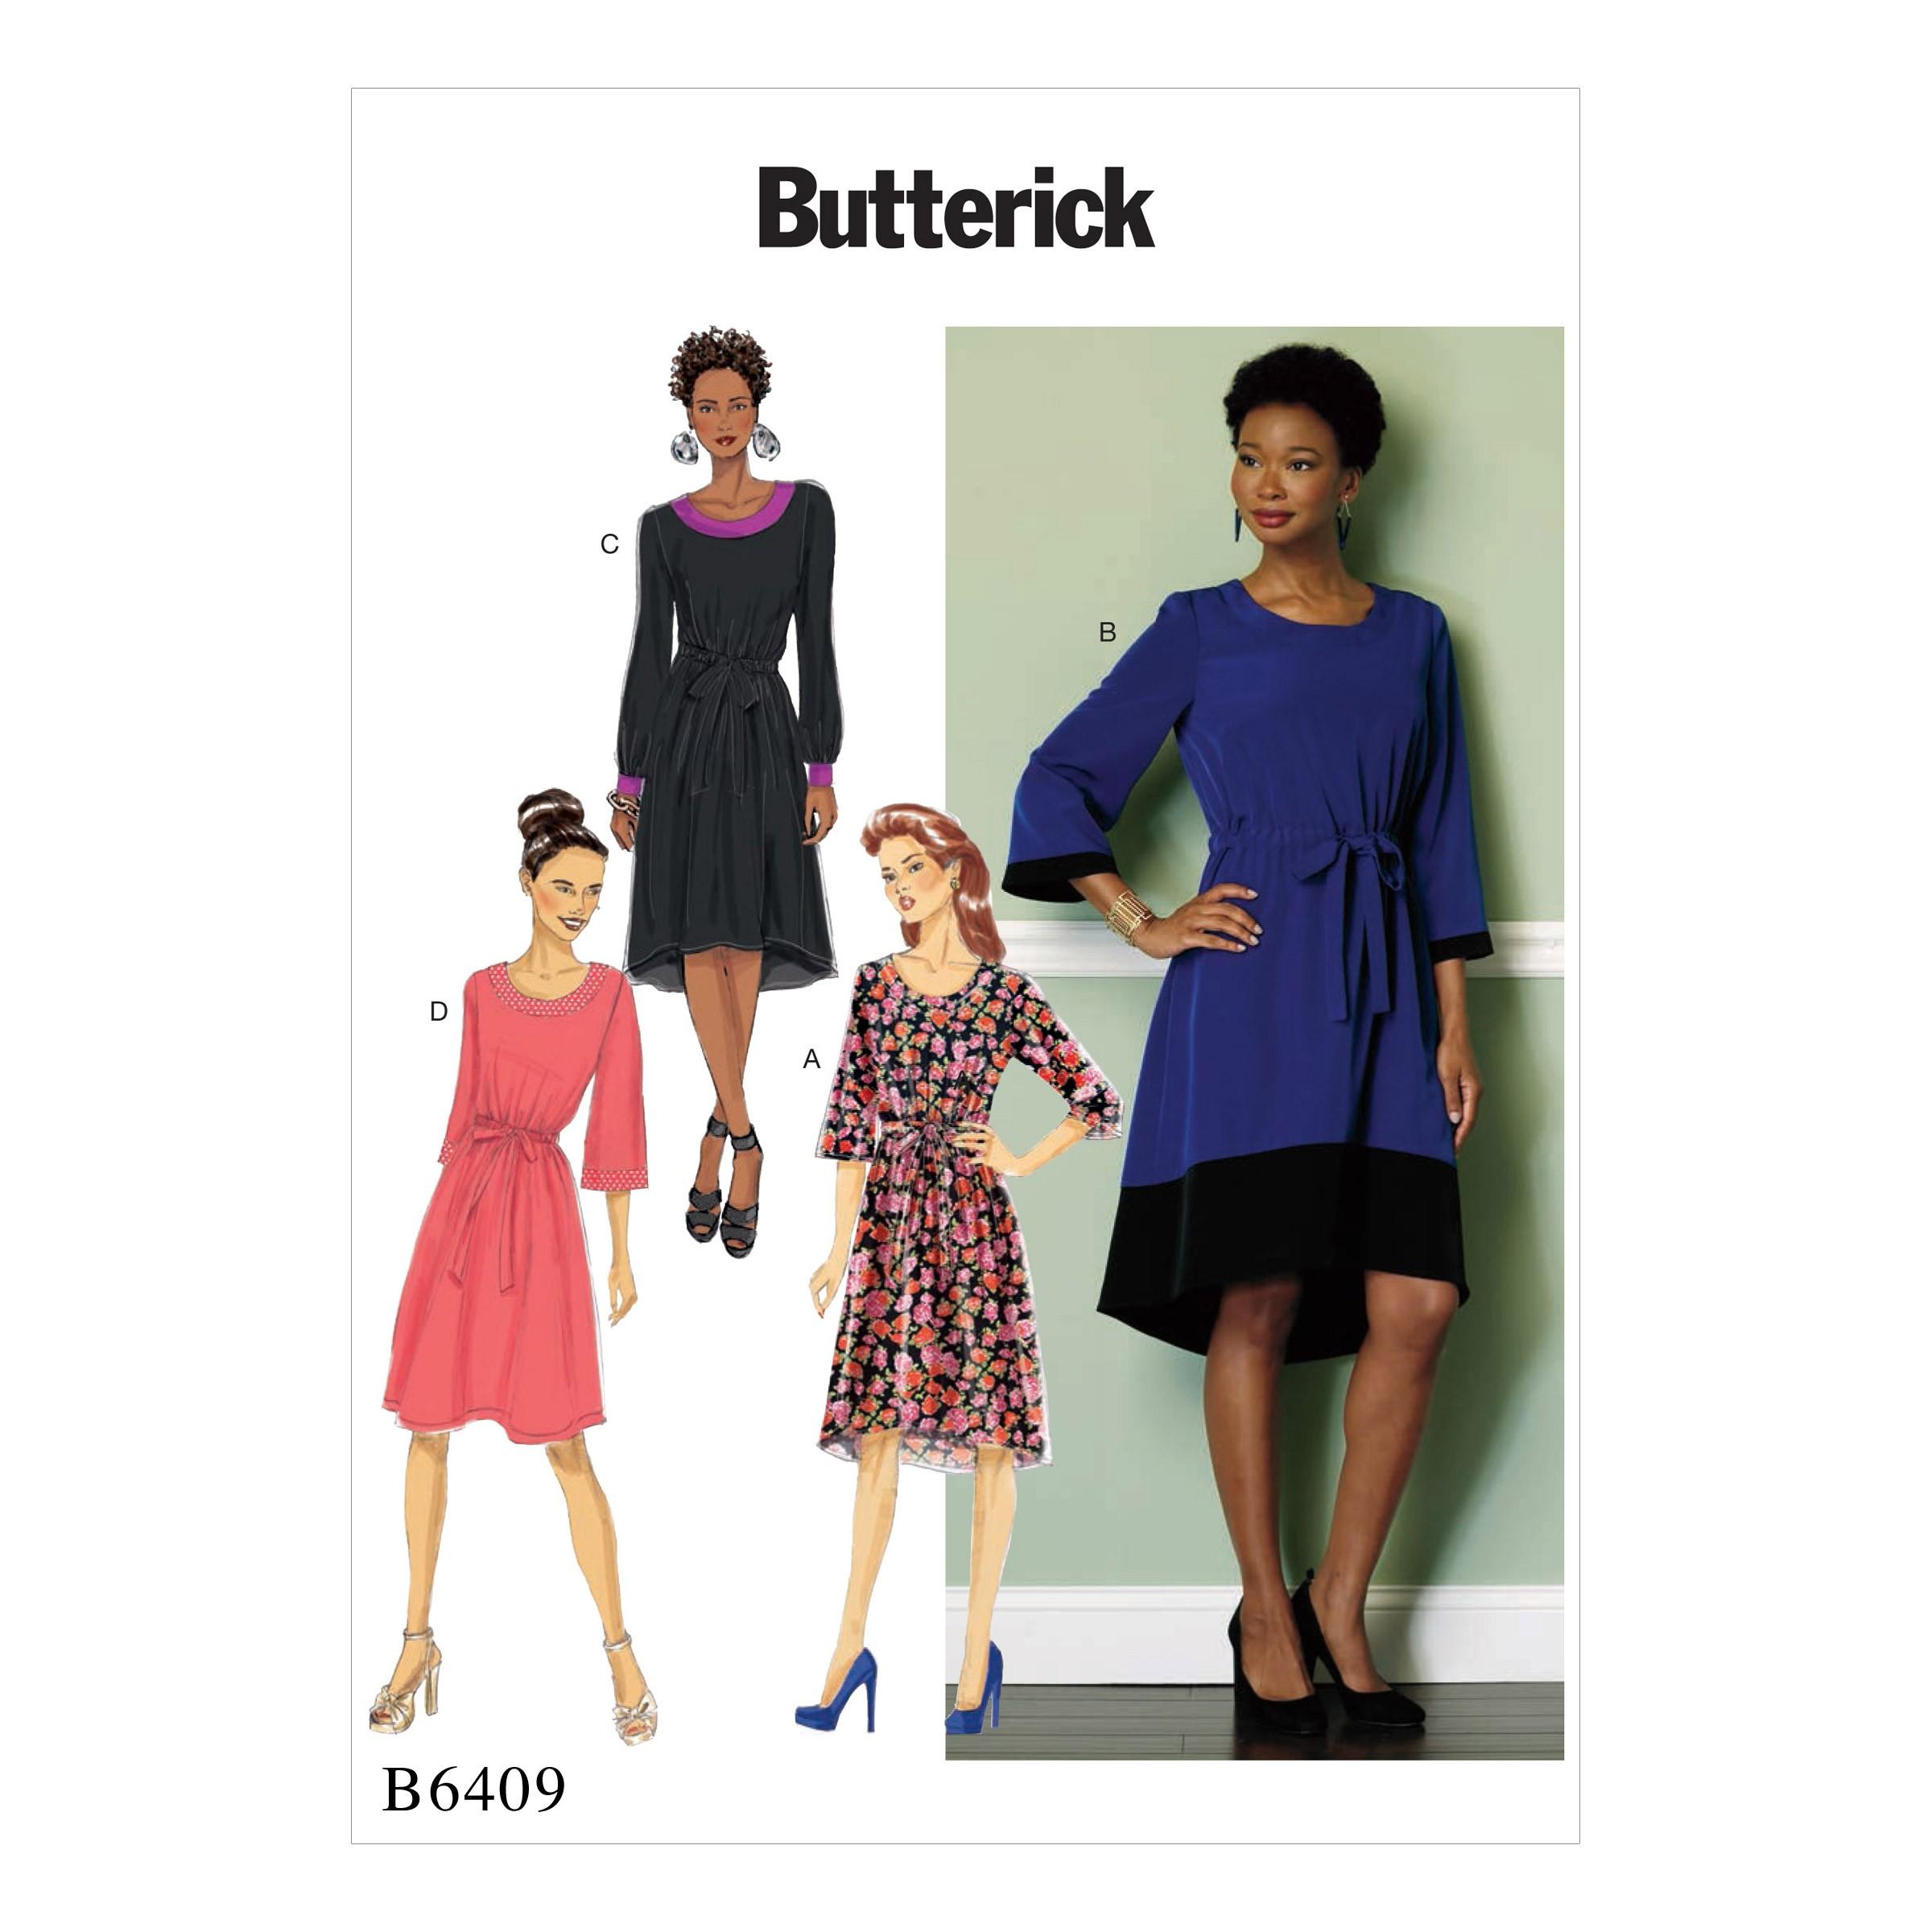 Butterick Sewing Pattern 6410 Misses' Petite Paneled Dress With Yoke